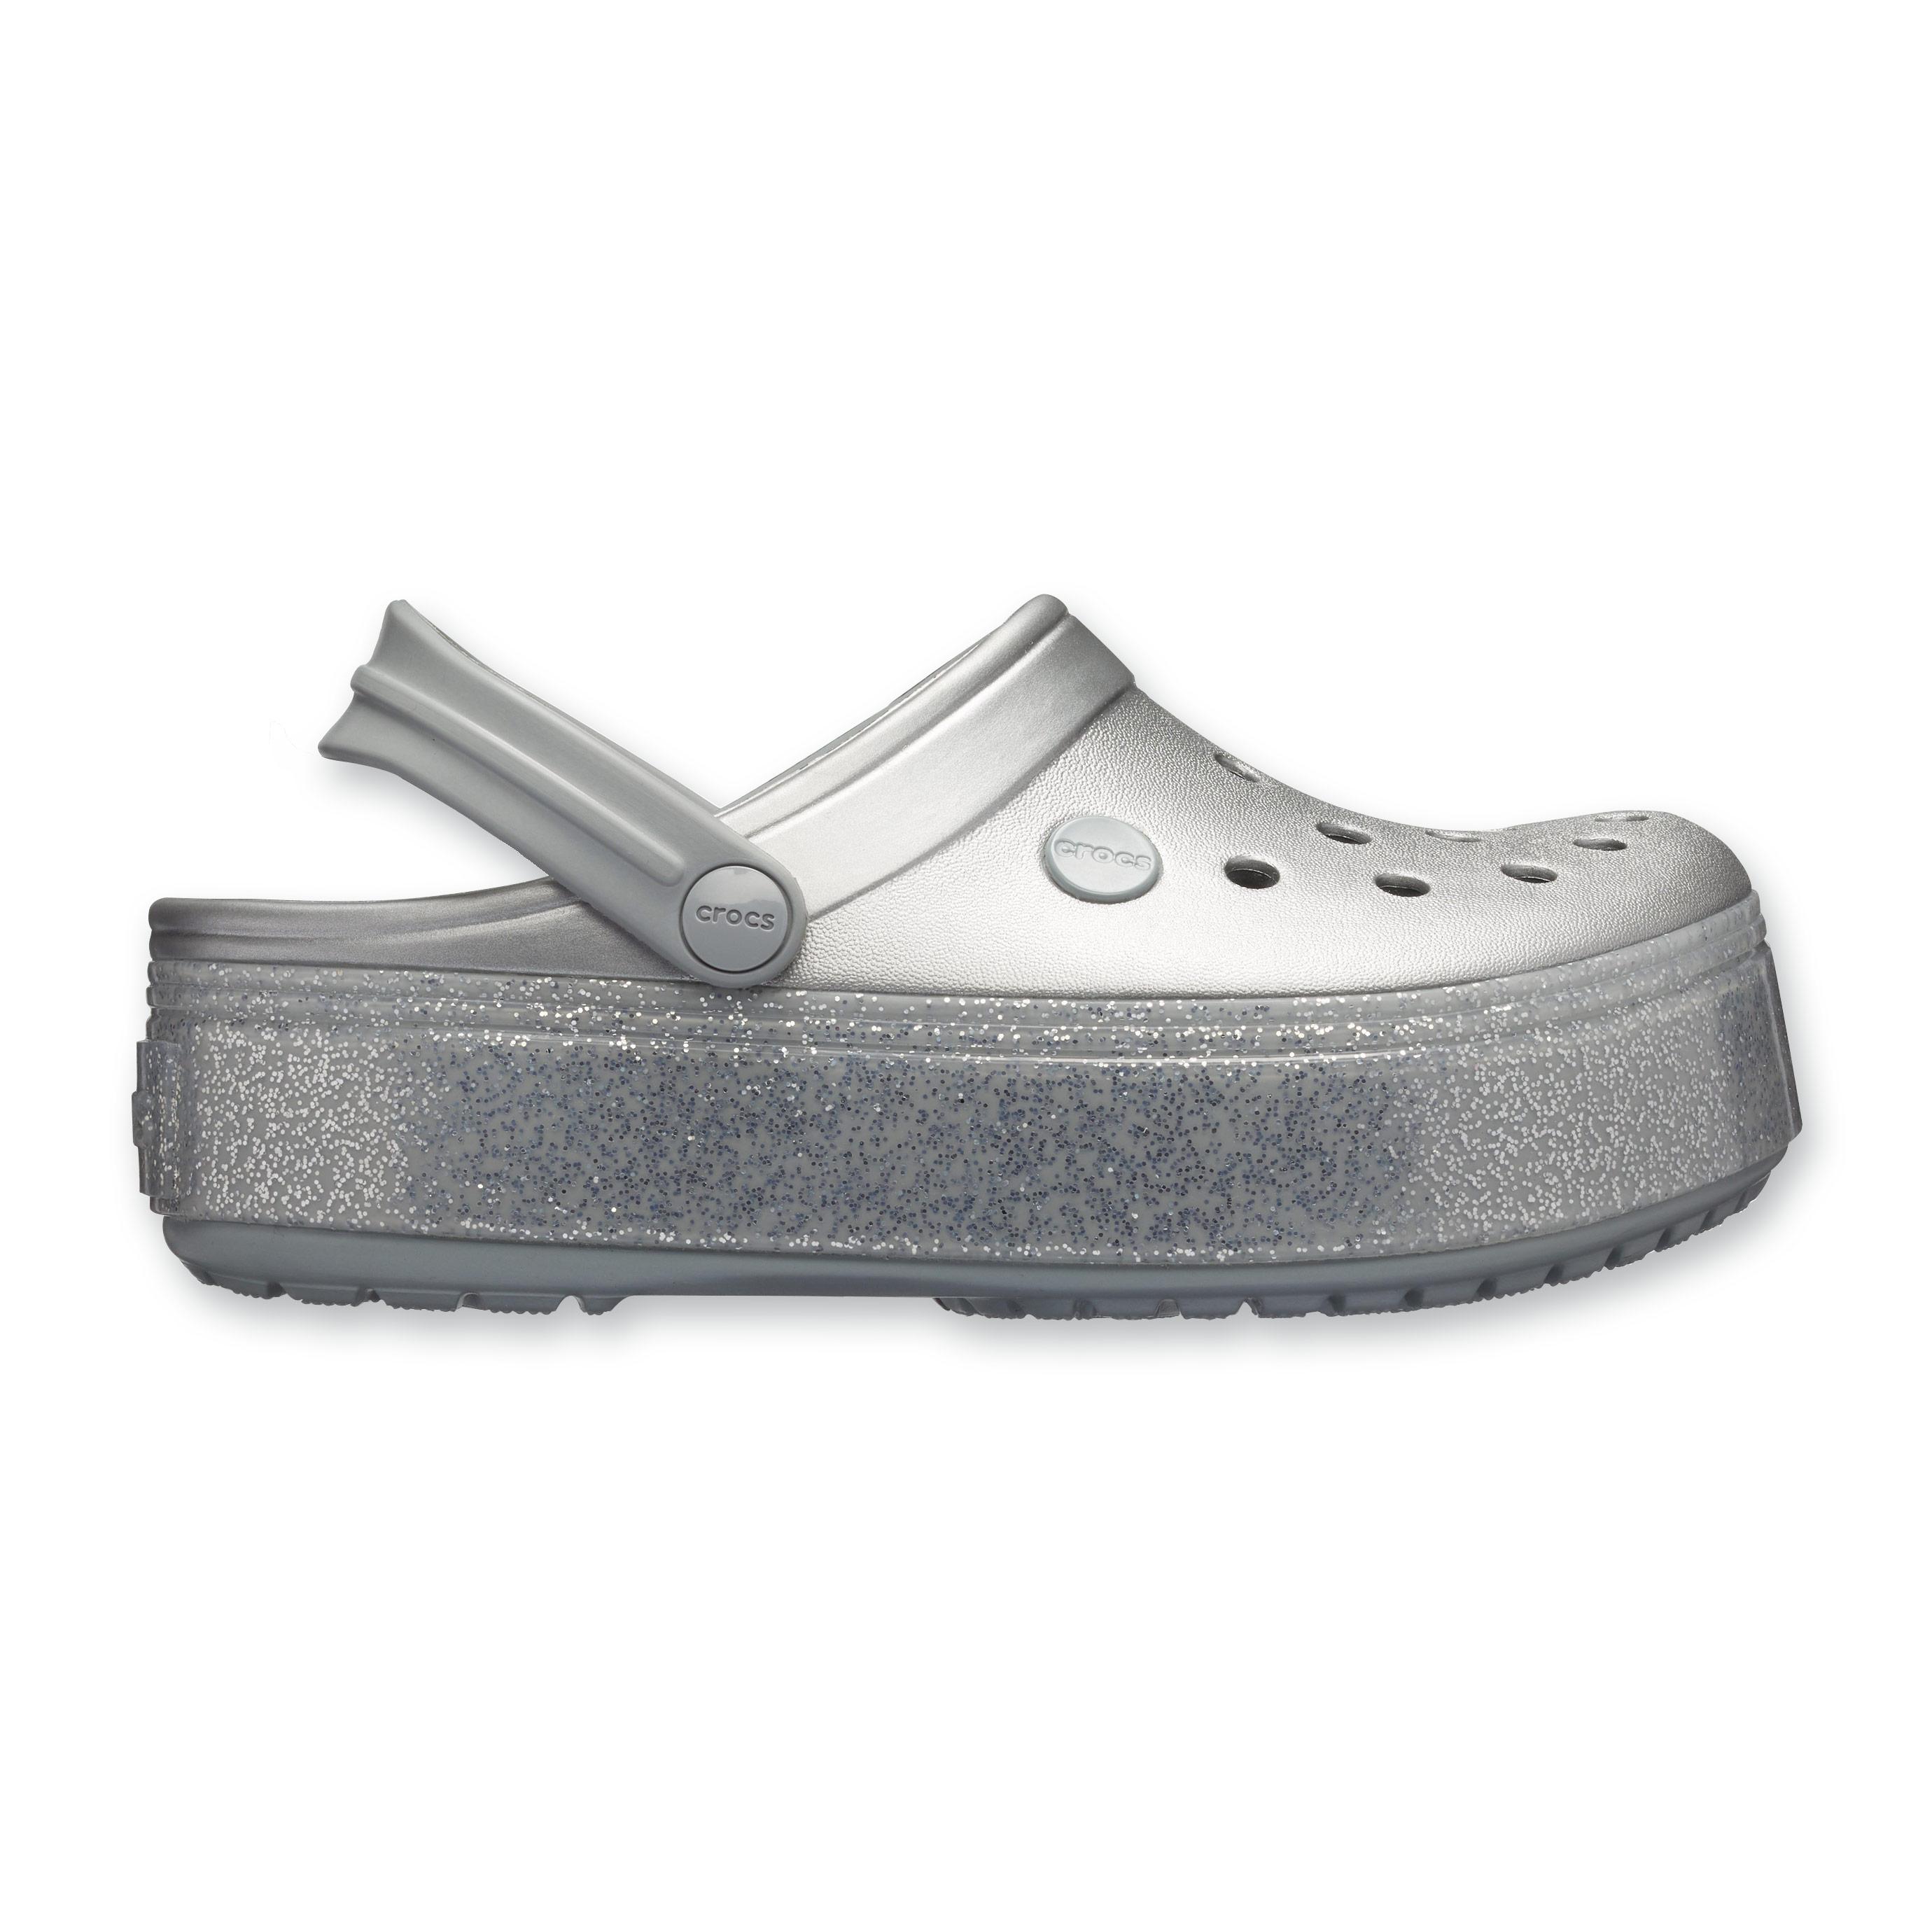 נעלי בד ונעליים טבעוניות ליום הכיפור